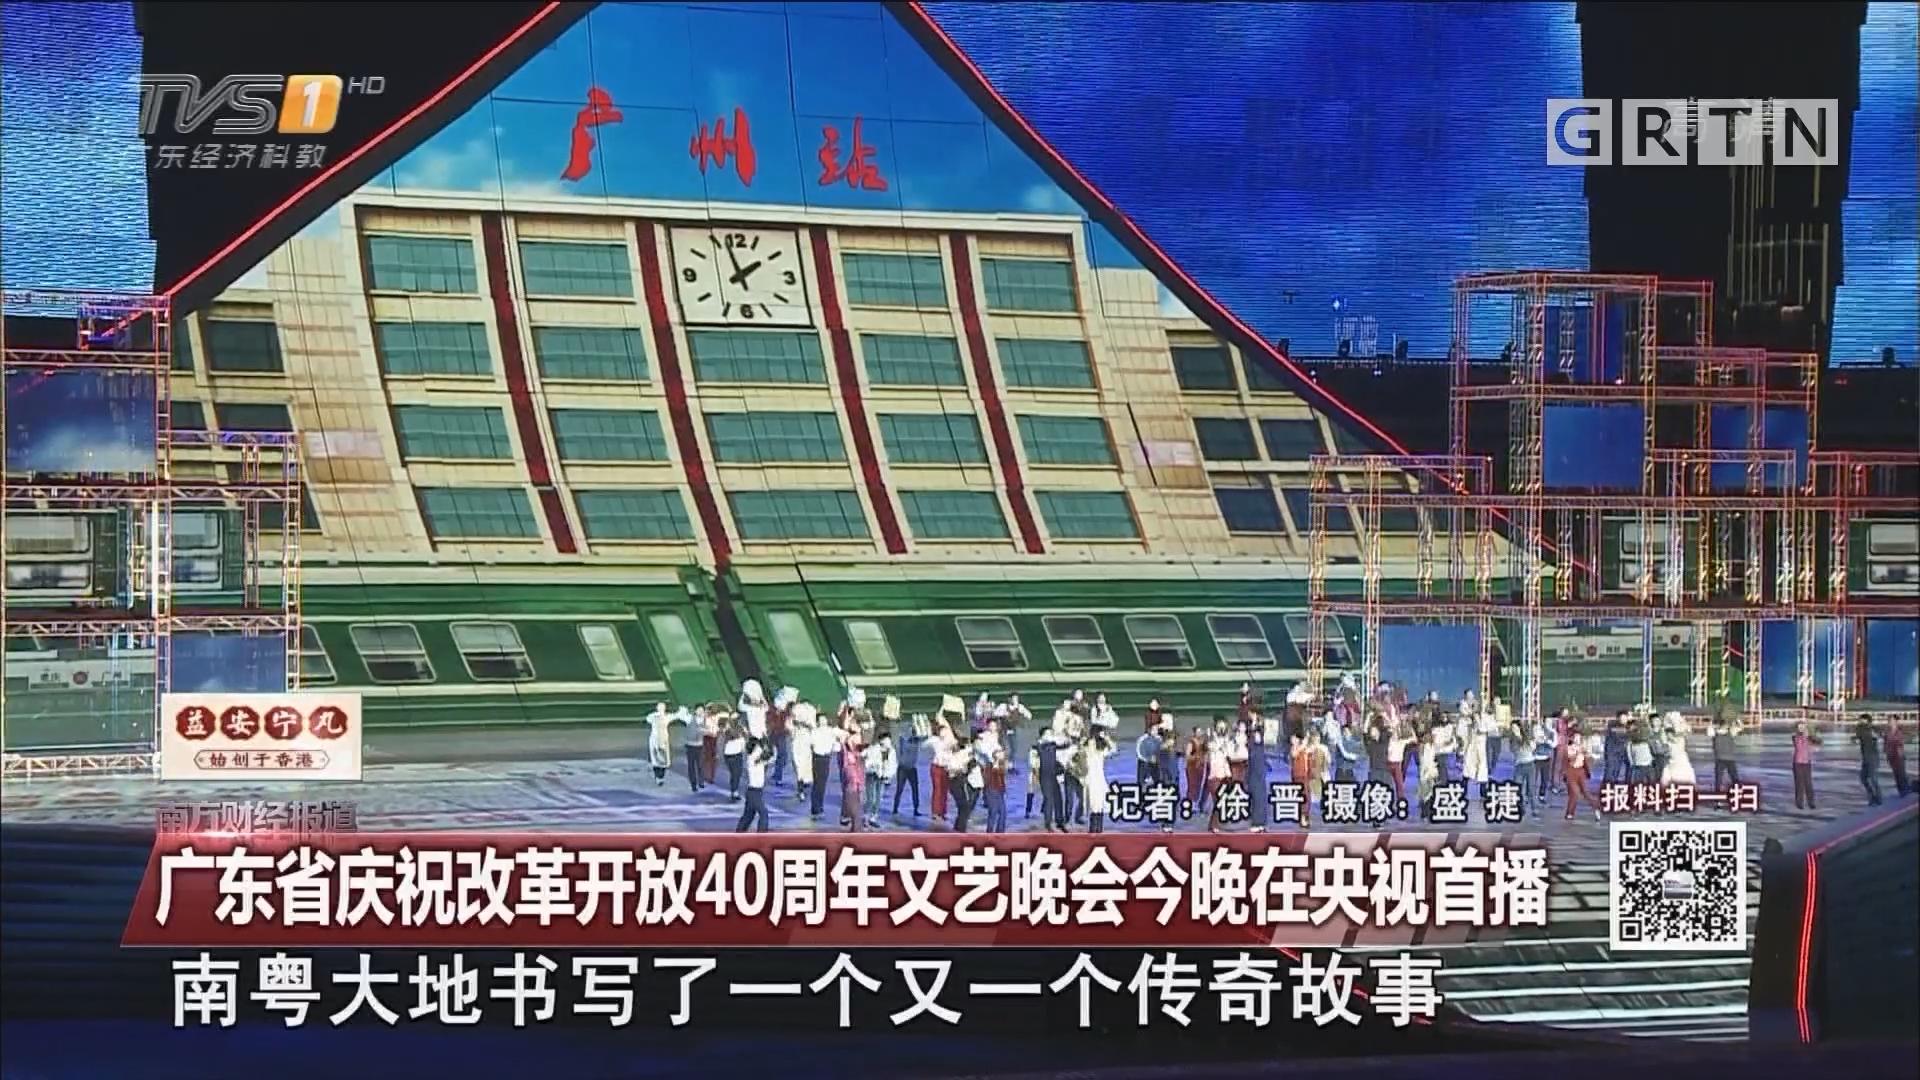 广东省庆祝改革开放40周年文艺晚会今晚在央视首播